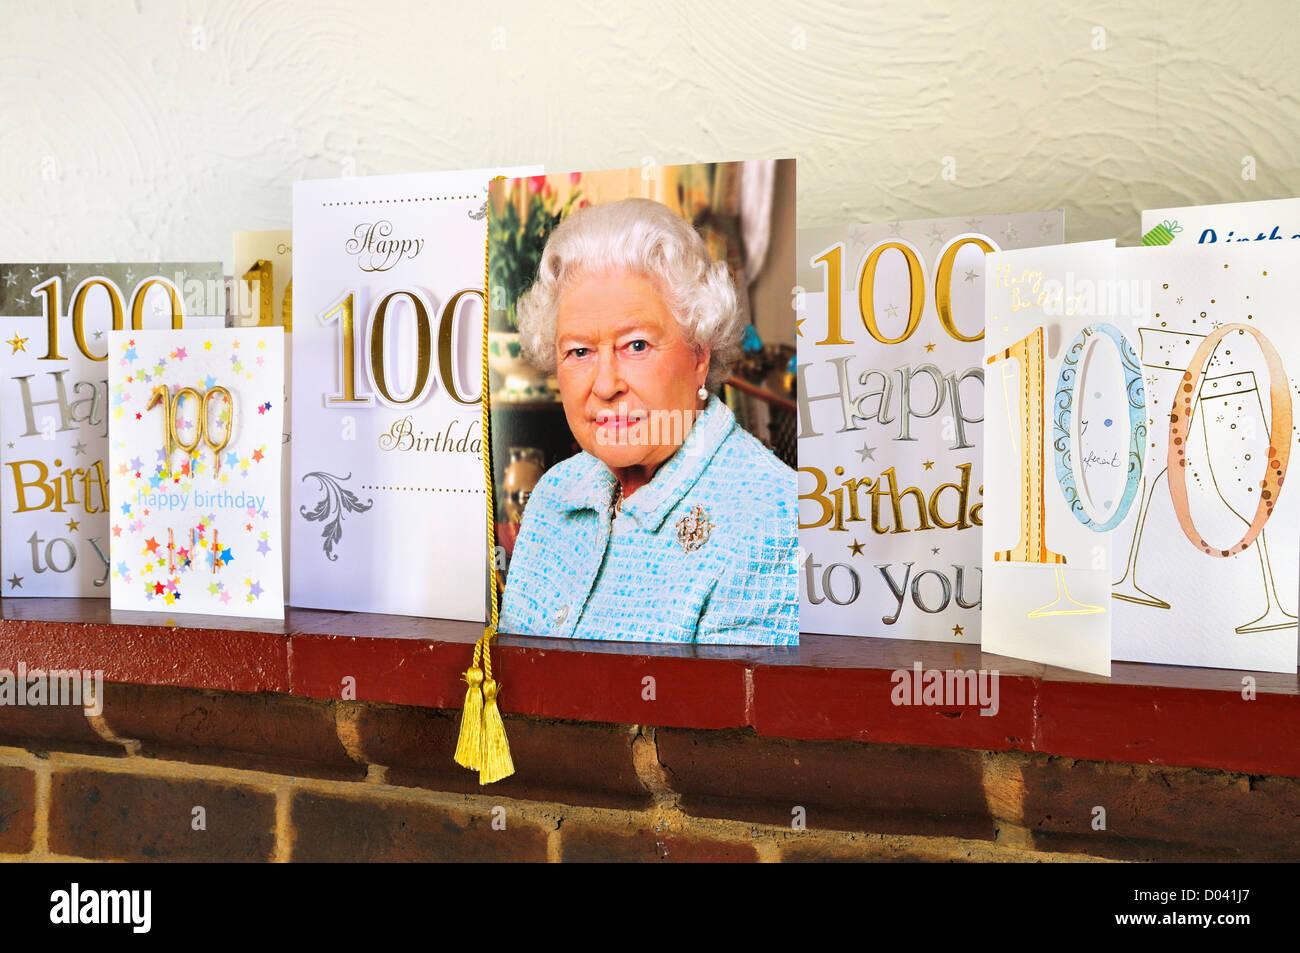 100e anniversaire aux côtés de cartes une carte personnalisée de Sa Majesté la Reine Elizabeth Photo Stock